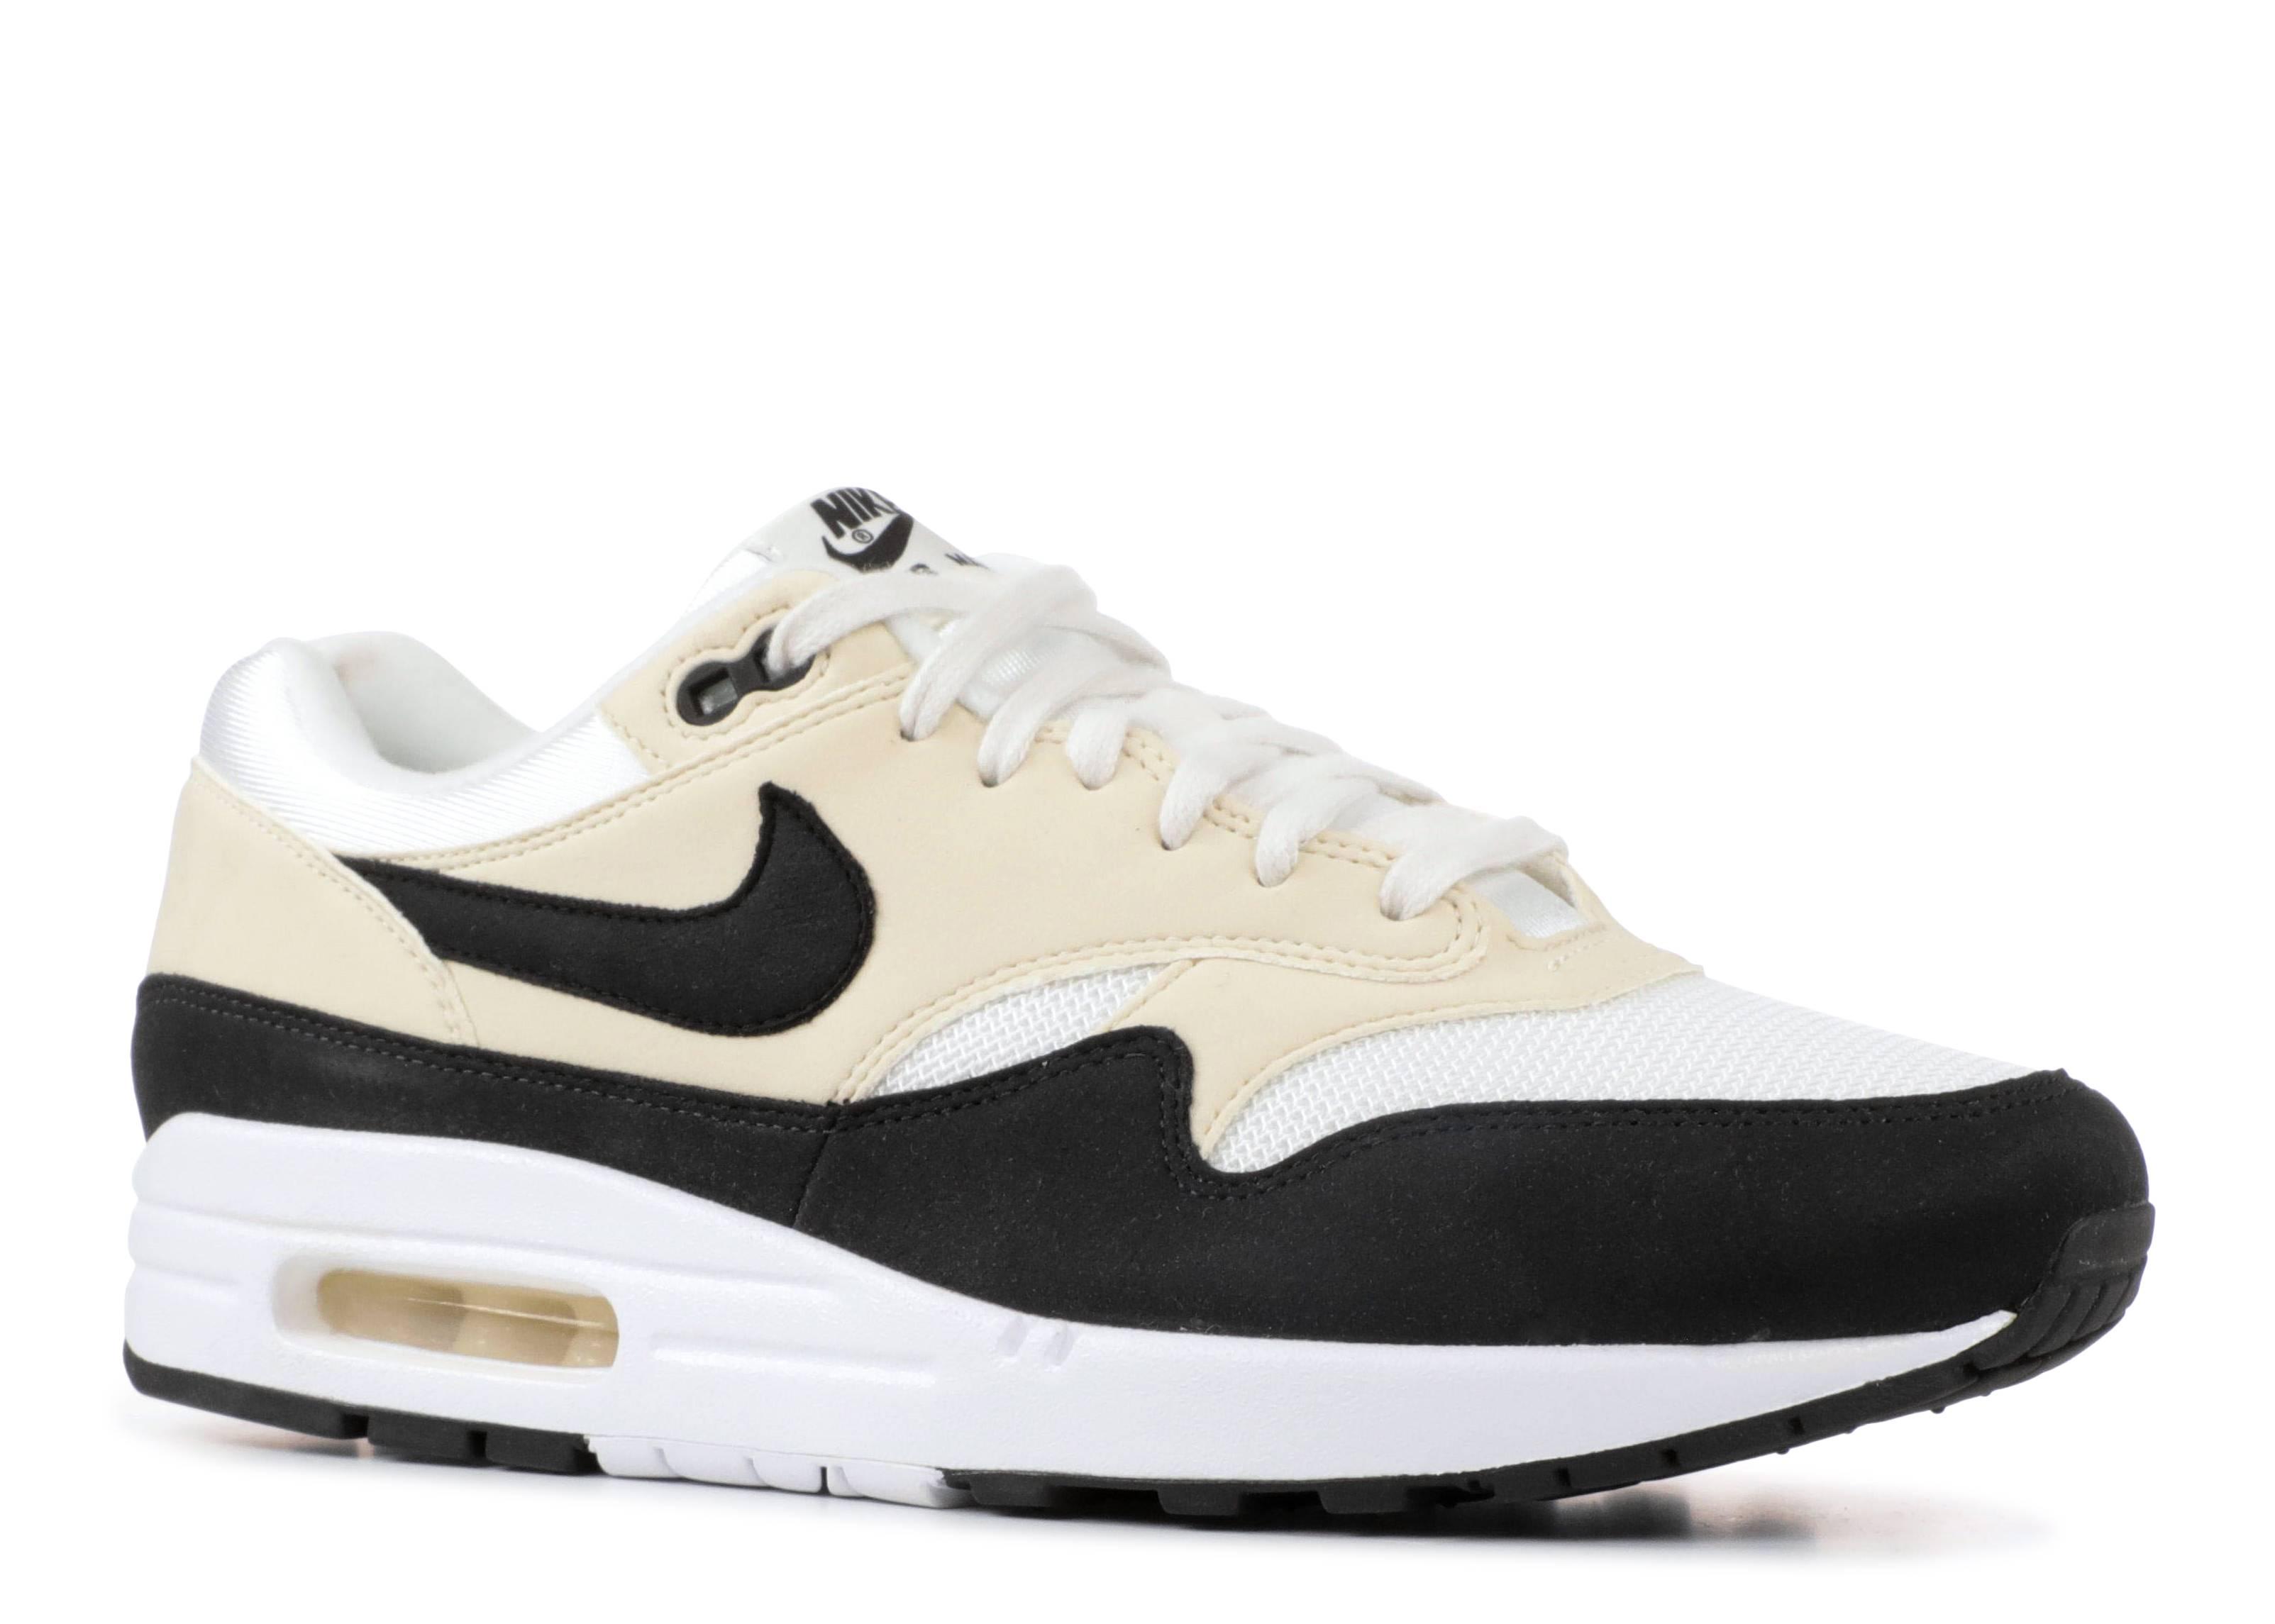 best sneakers d6aa8 cbed7 Wmns Air Max 1 - Nike - 319986 106 - sail black-fossil   Flight Club